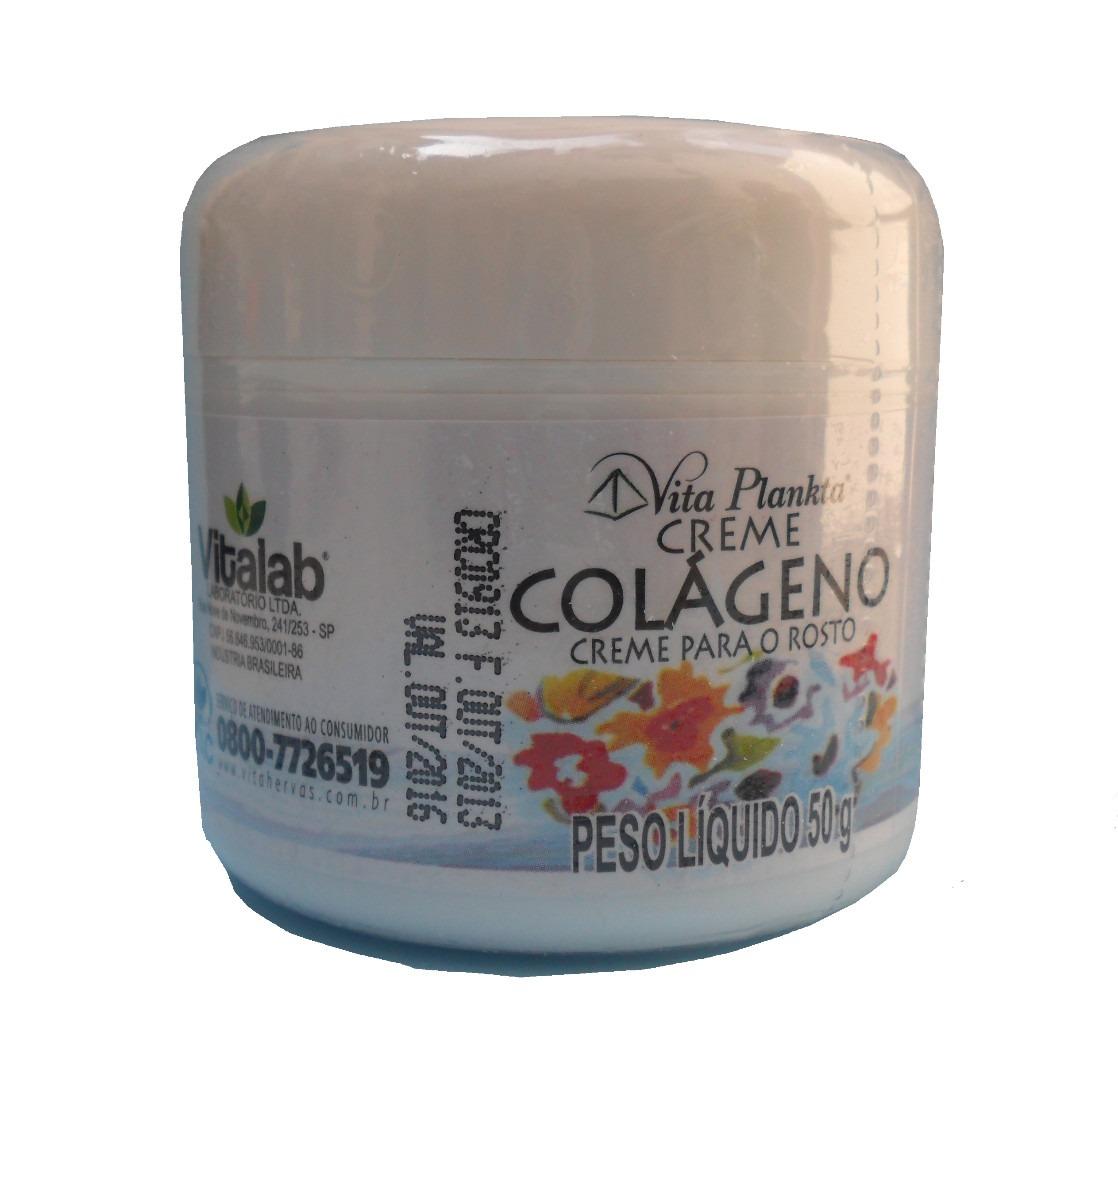 Colágeno Creme Hidratante Rosto Pele 50gr R$ 35,90 em Mercado Livre